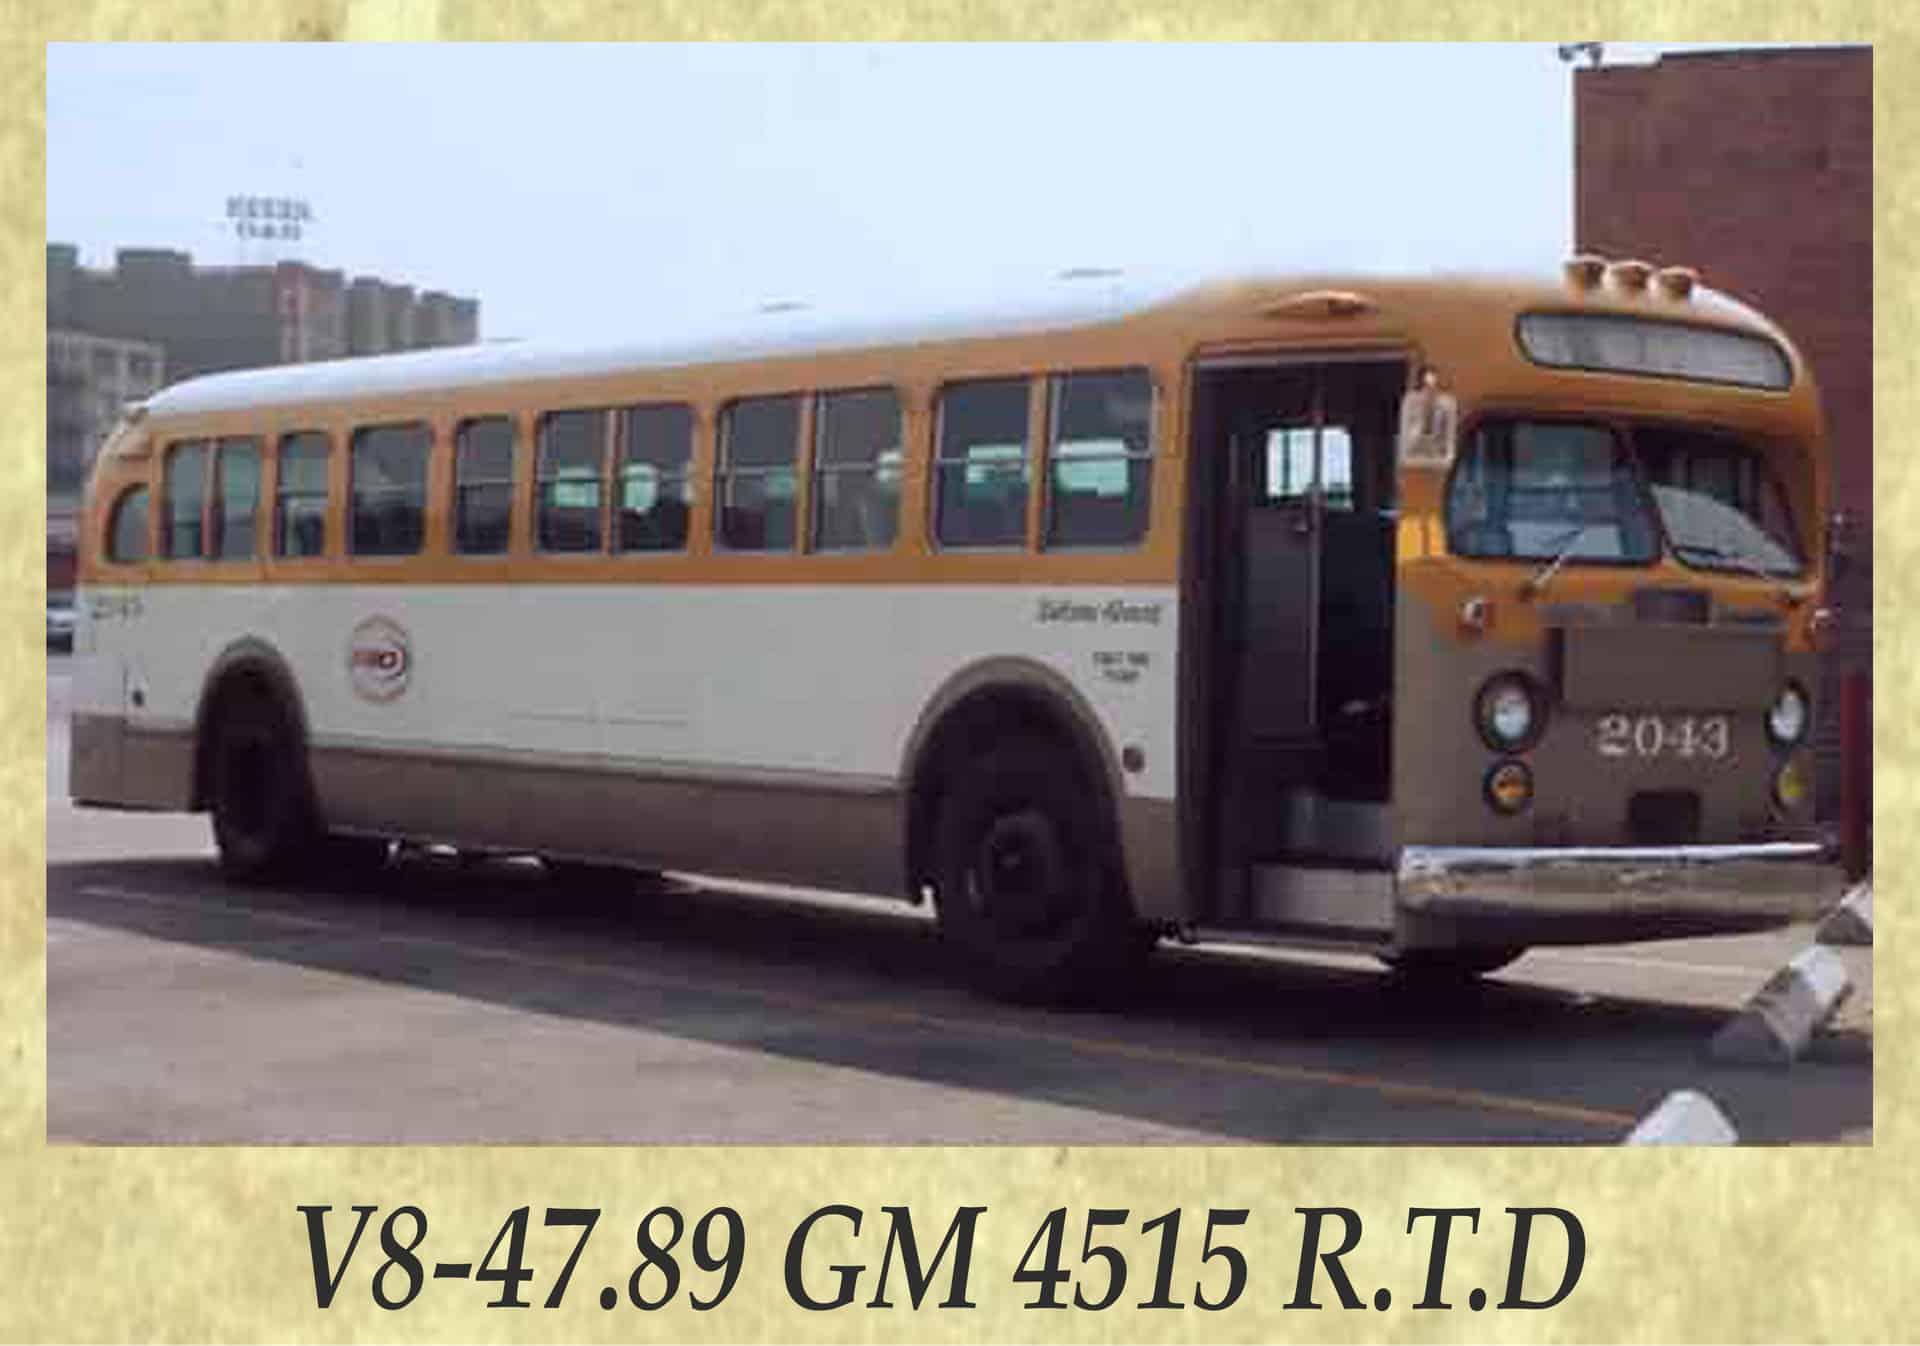 V8-47.89 GM 4515 R.T.D